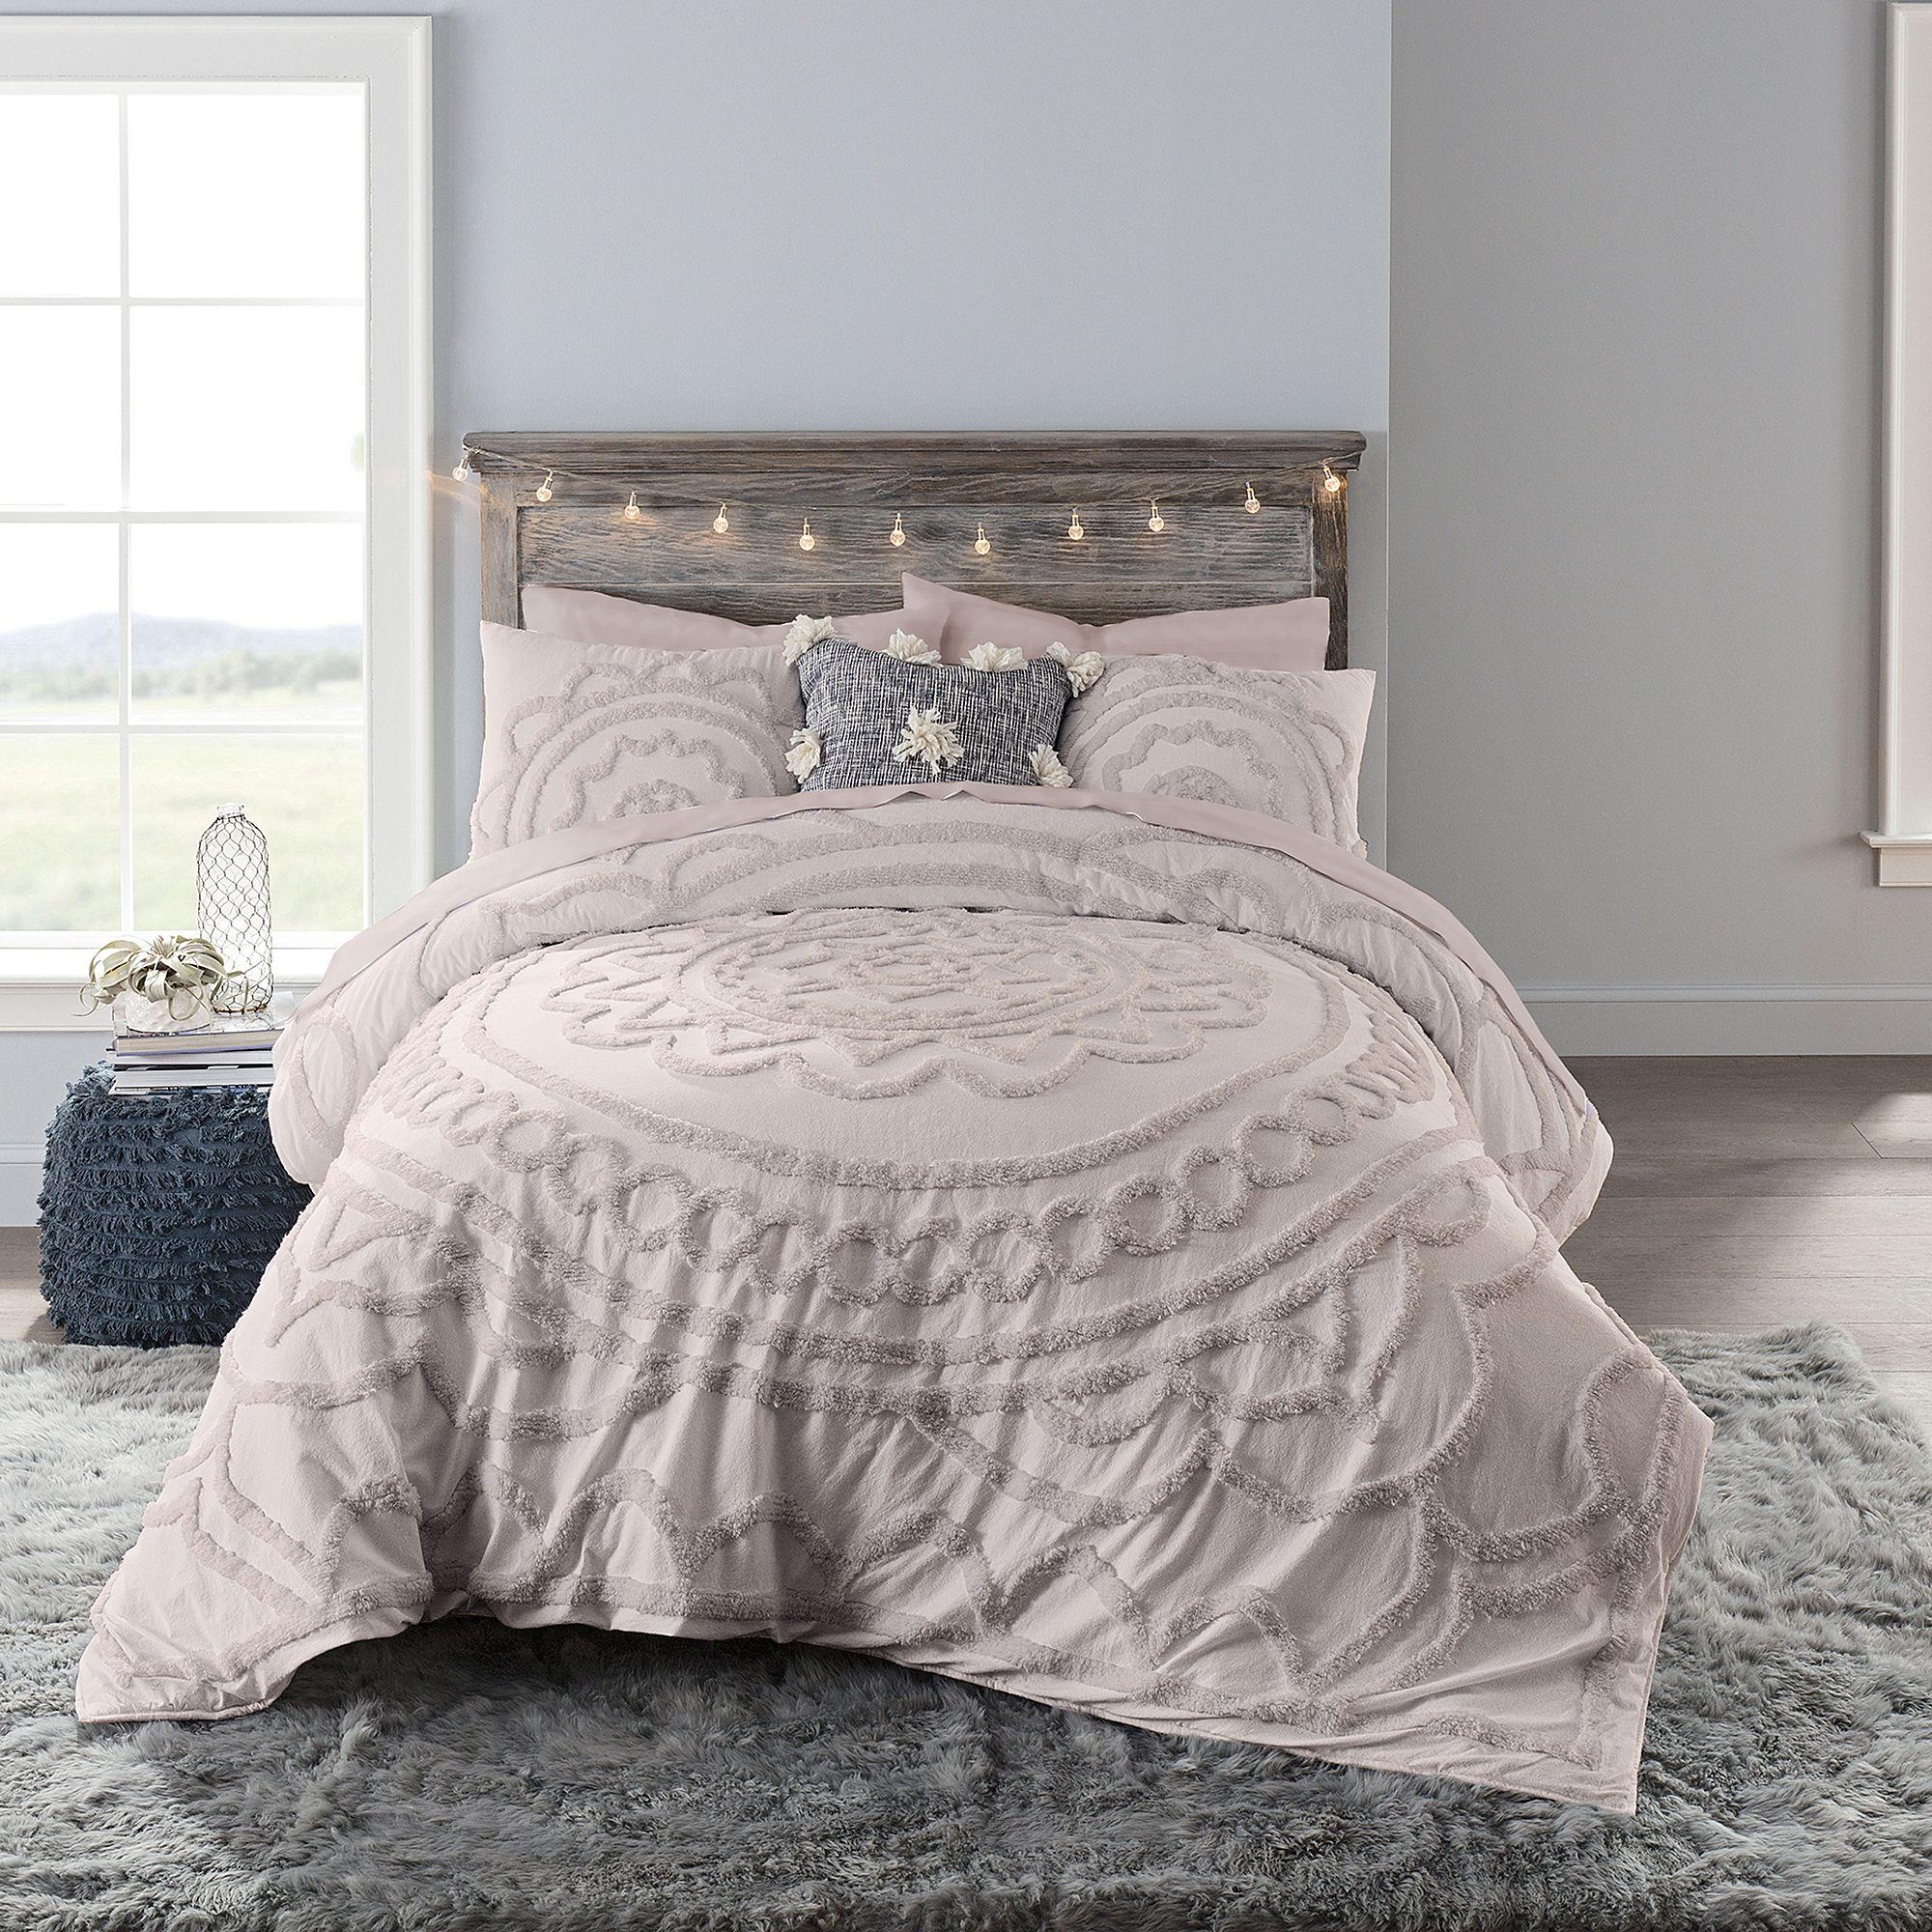 Anthology Tufted Medallion Comforter Set Bed Bath Beyond